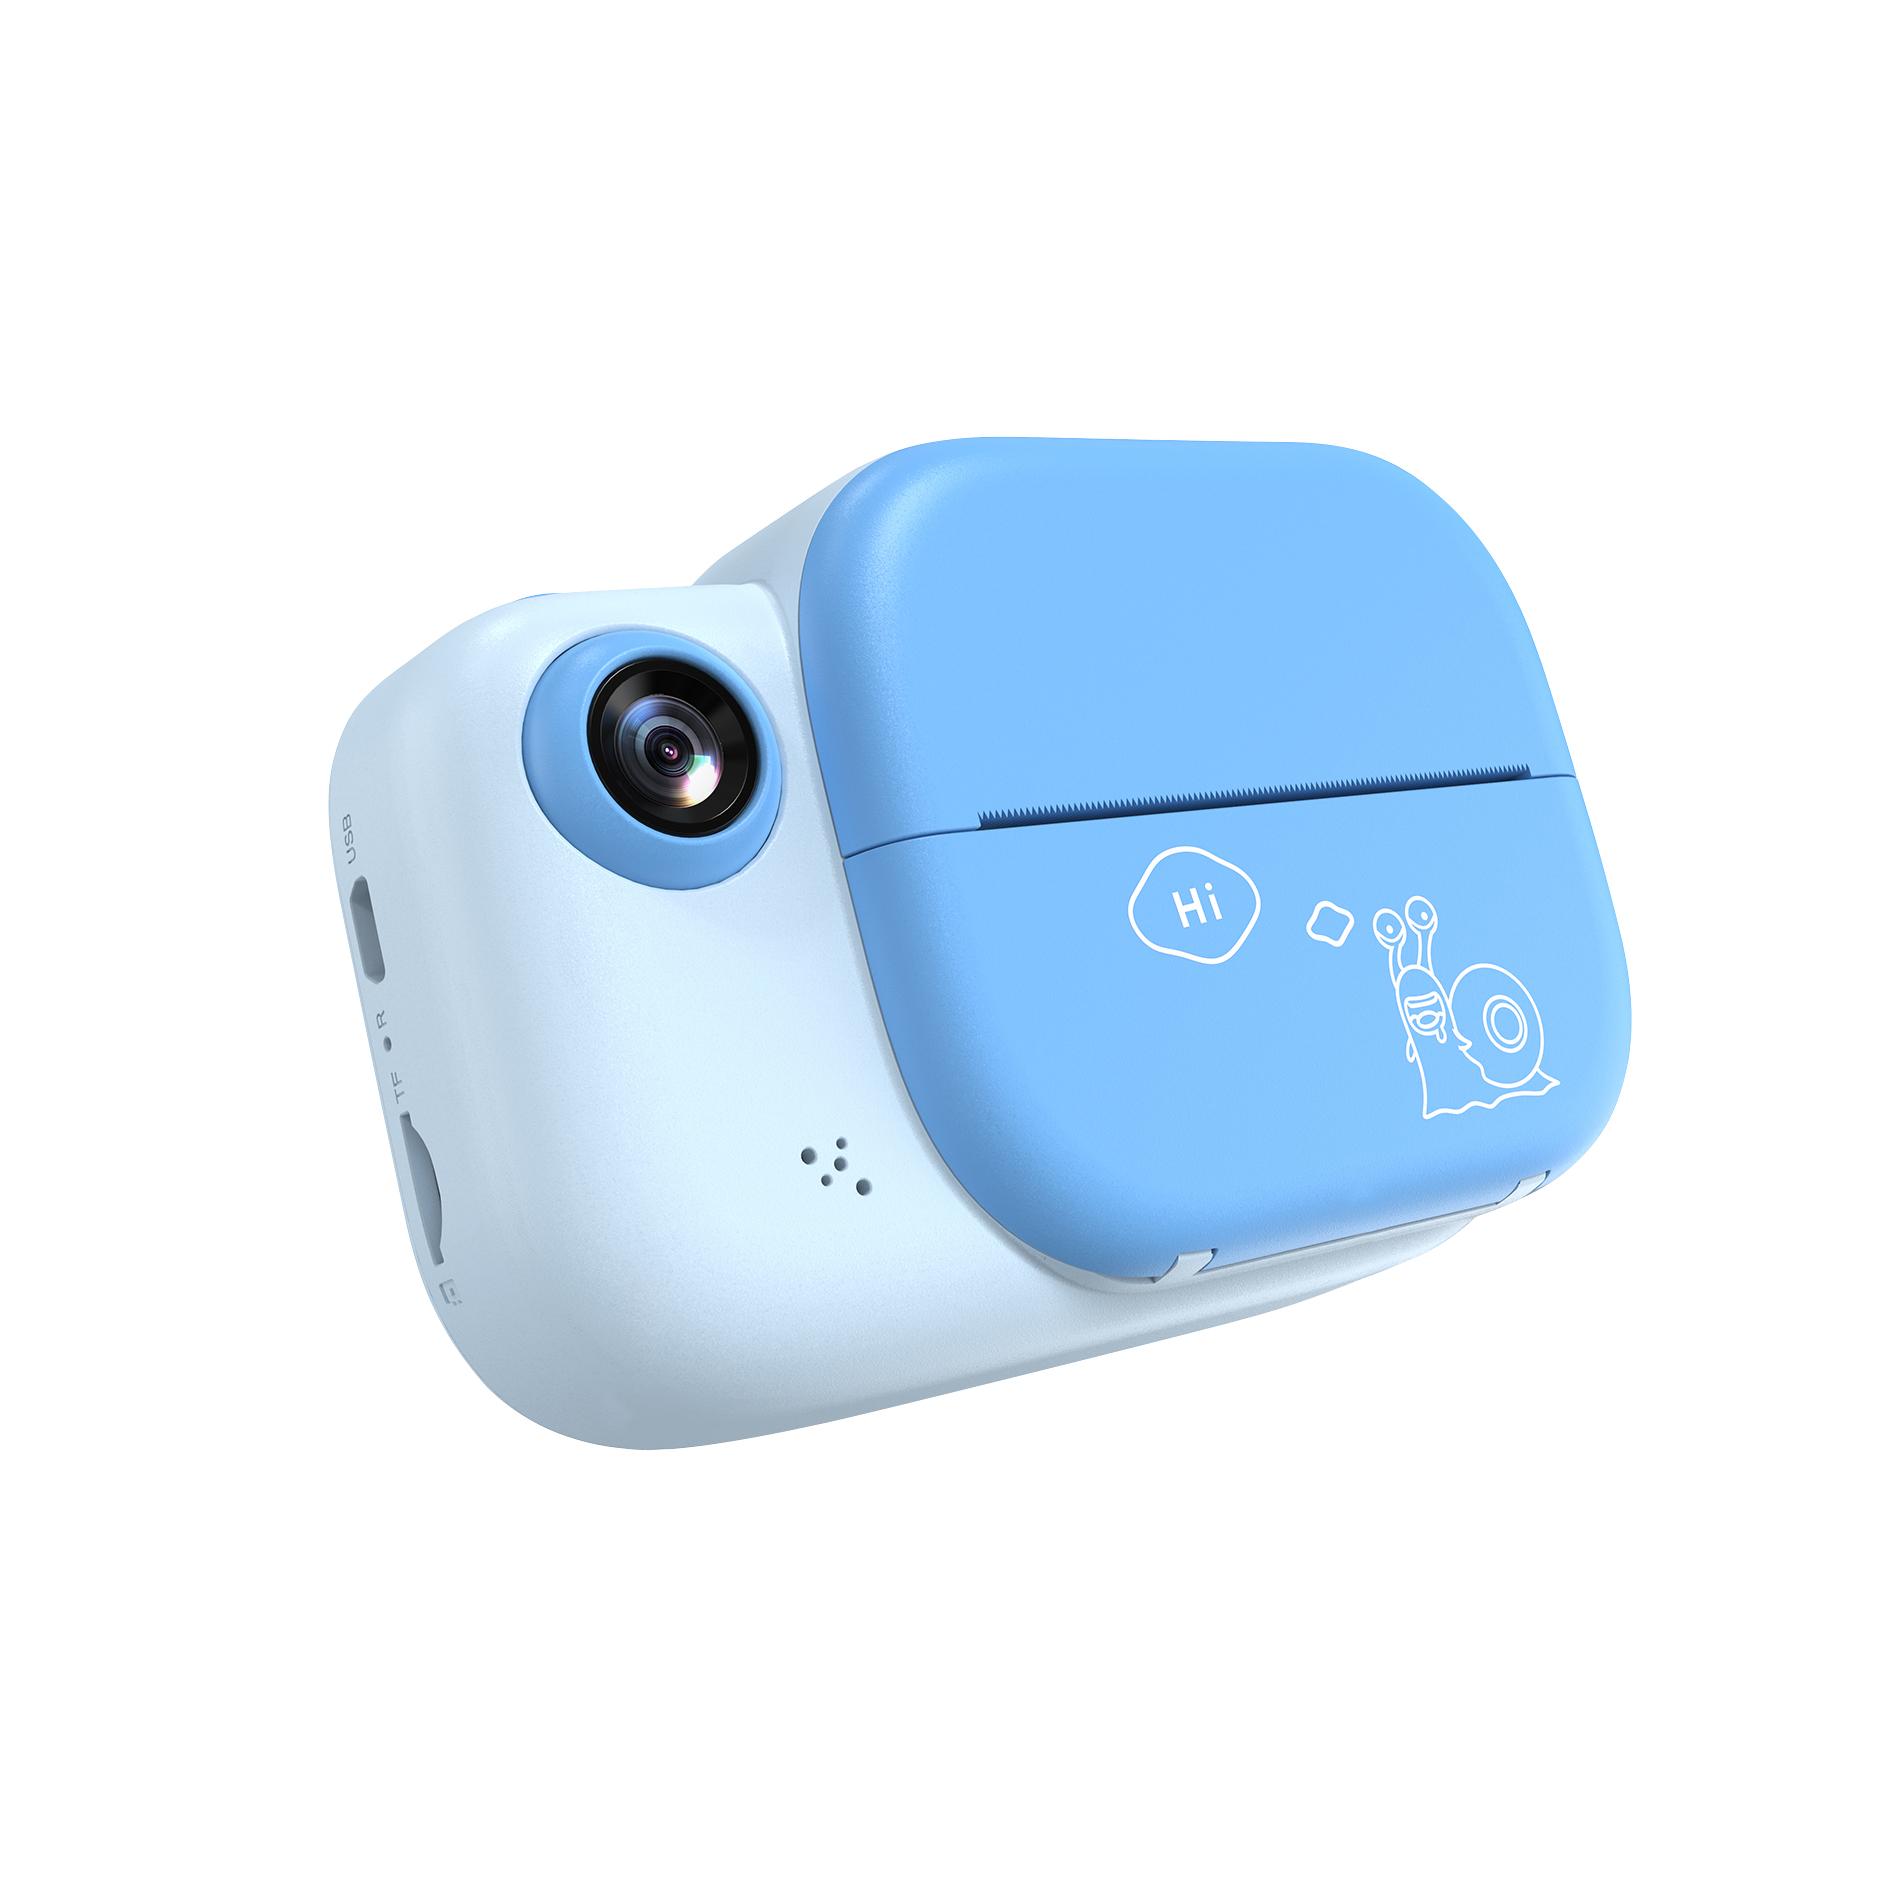 おもちゃの誕生日プレゼントのための子供のインスタントカメラプリントカメラ1080pデジタルカメラ